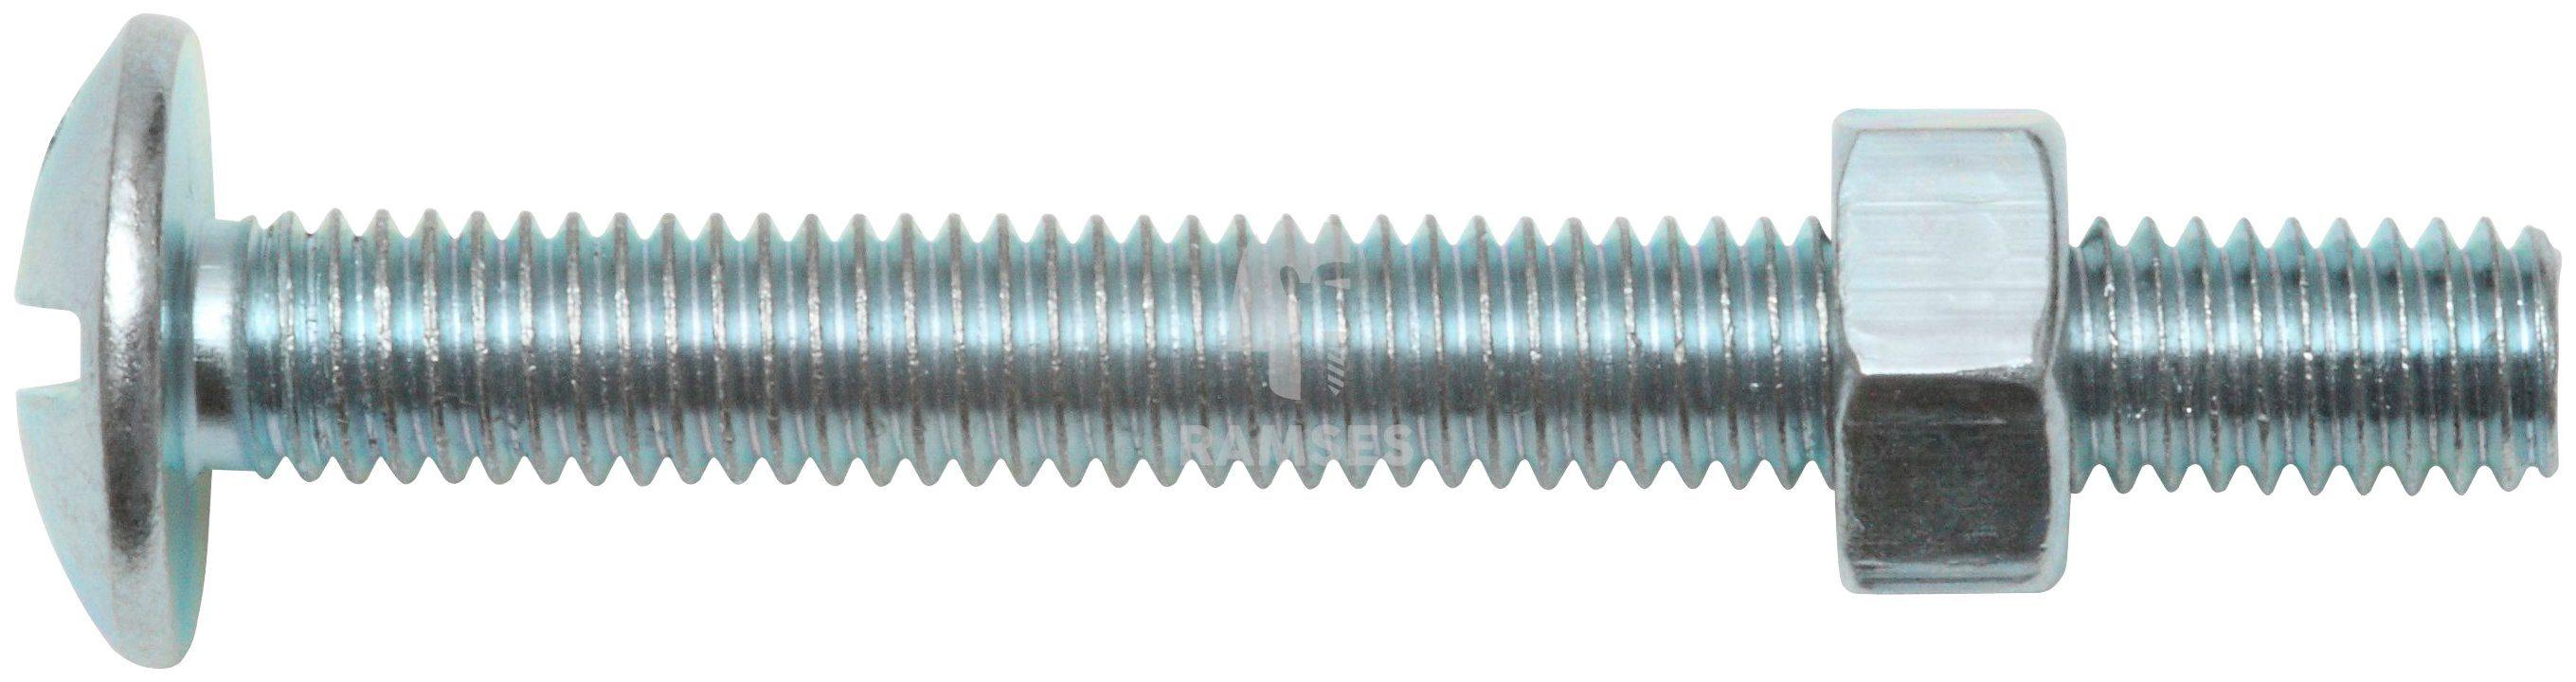 RAMSES Schrauben , Möbelschrauben und Mutter M6 x 40 mm 100 Stk.